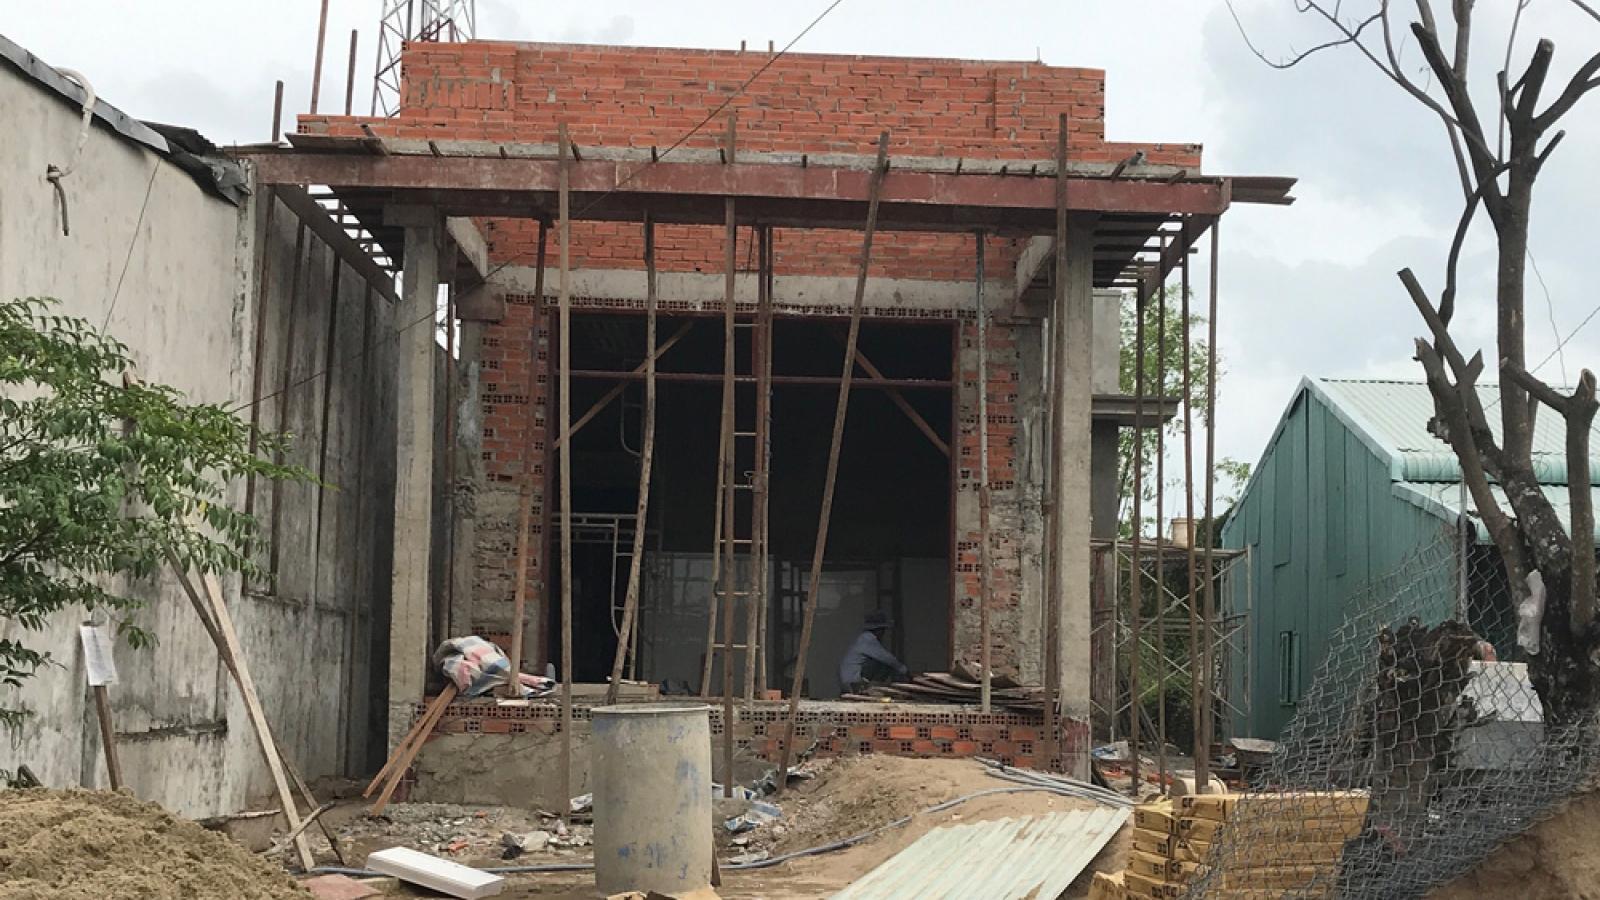 TPHCM yêu cầu Quận 11 khẩn trương xử lý 14 công trình sai phạm xây dựng